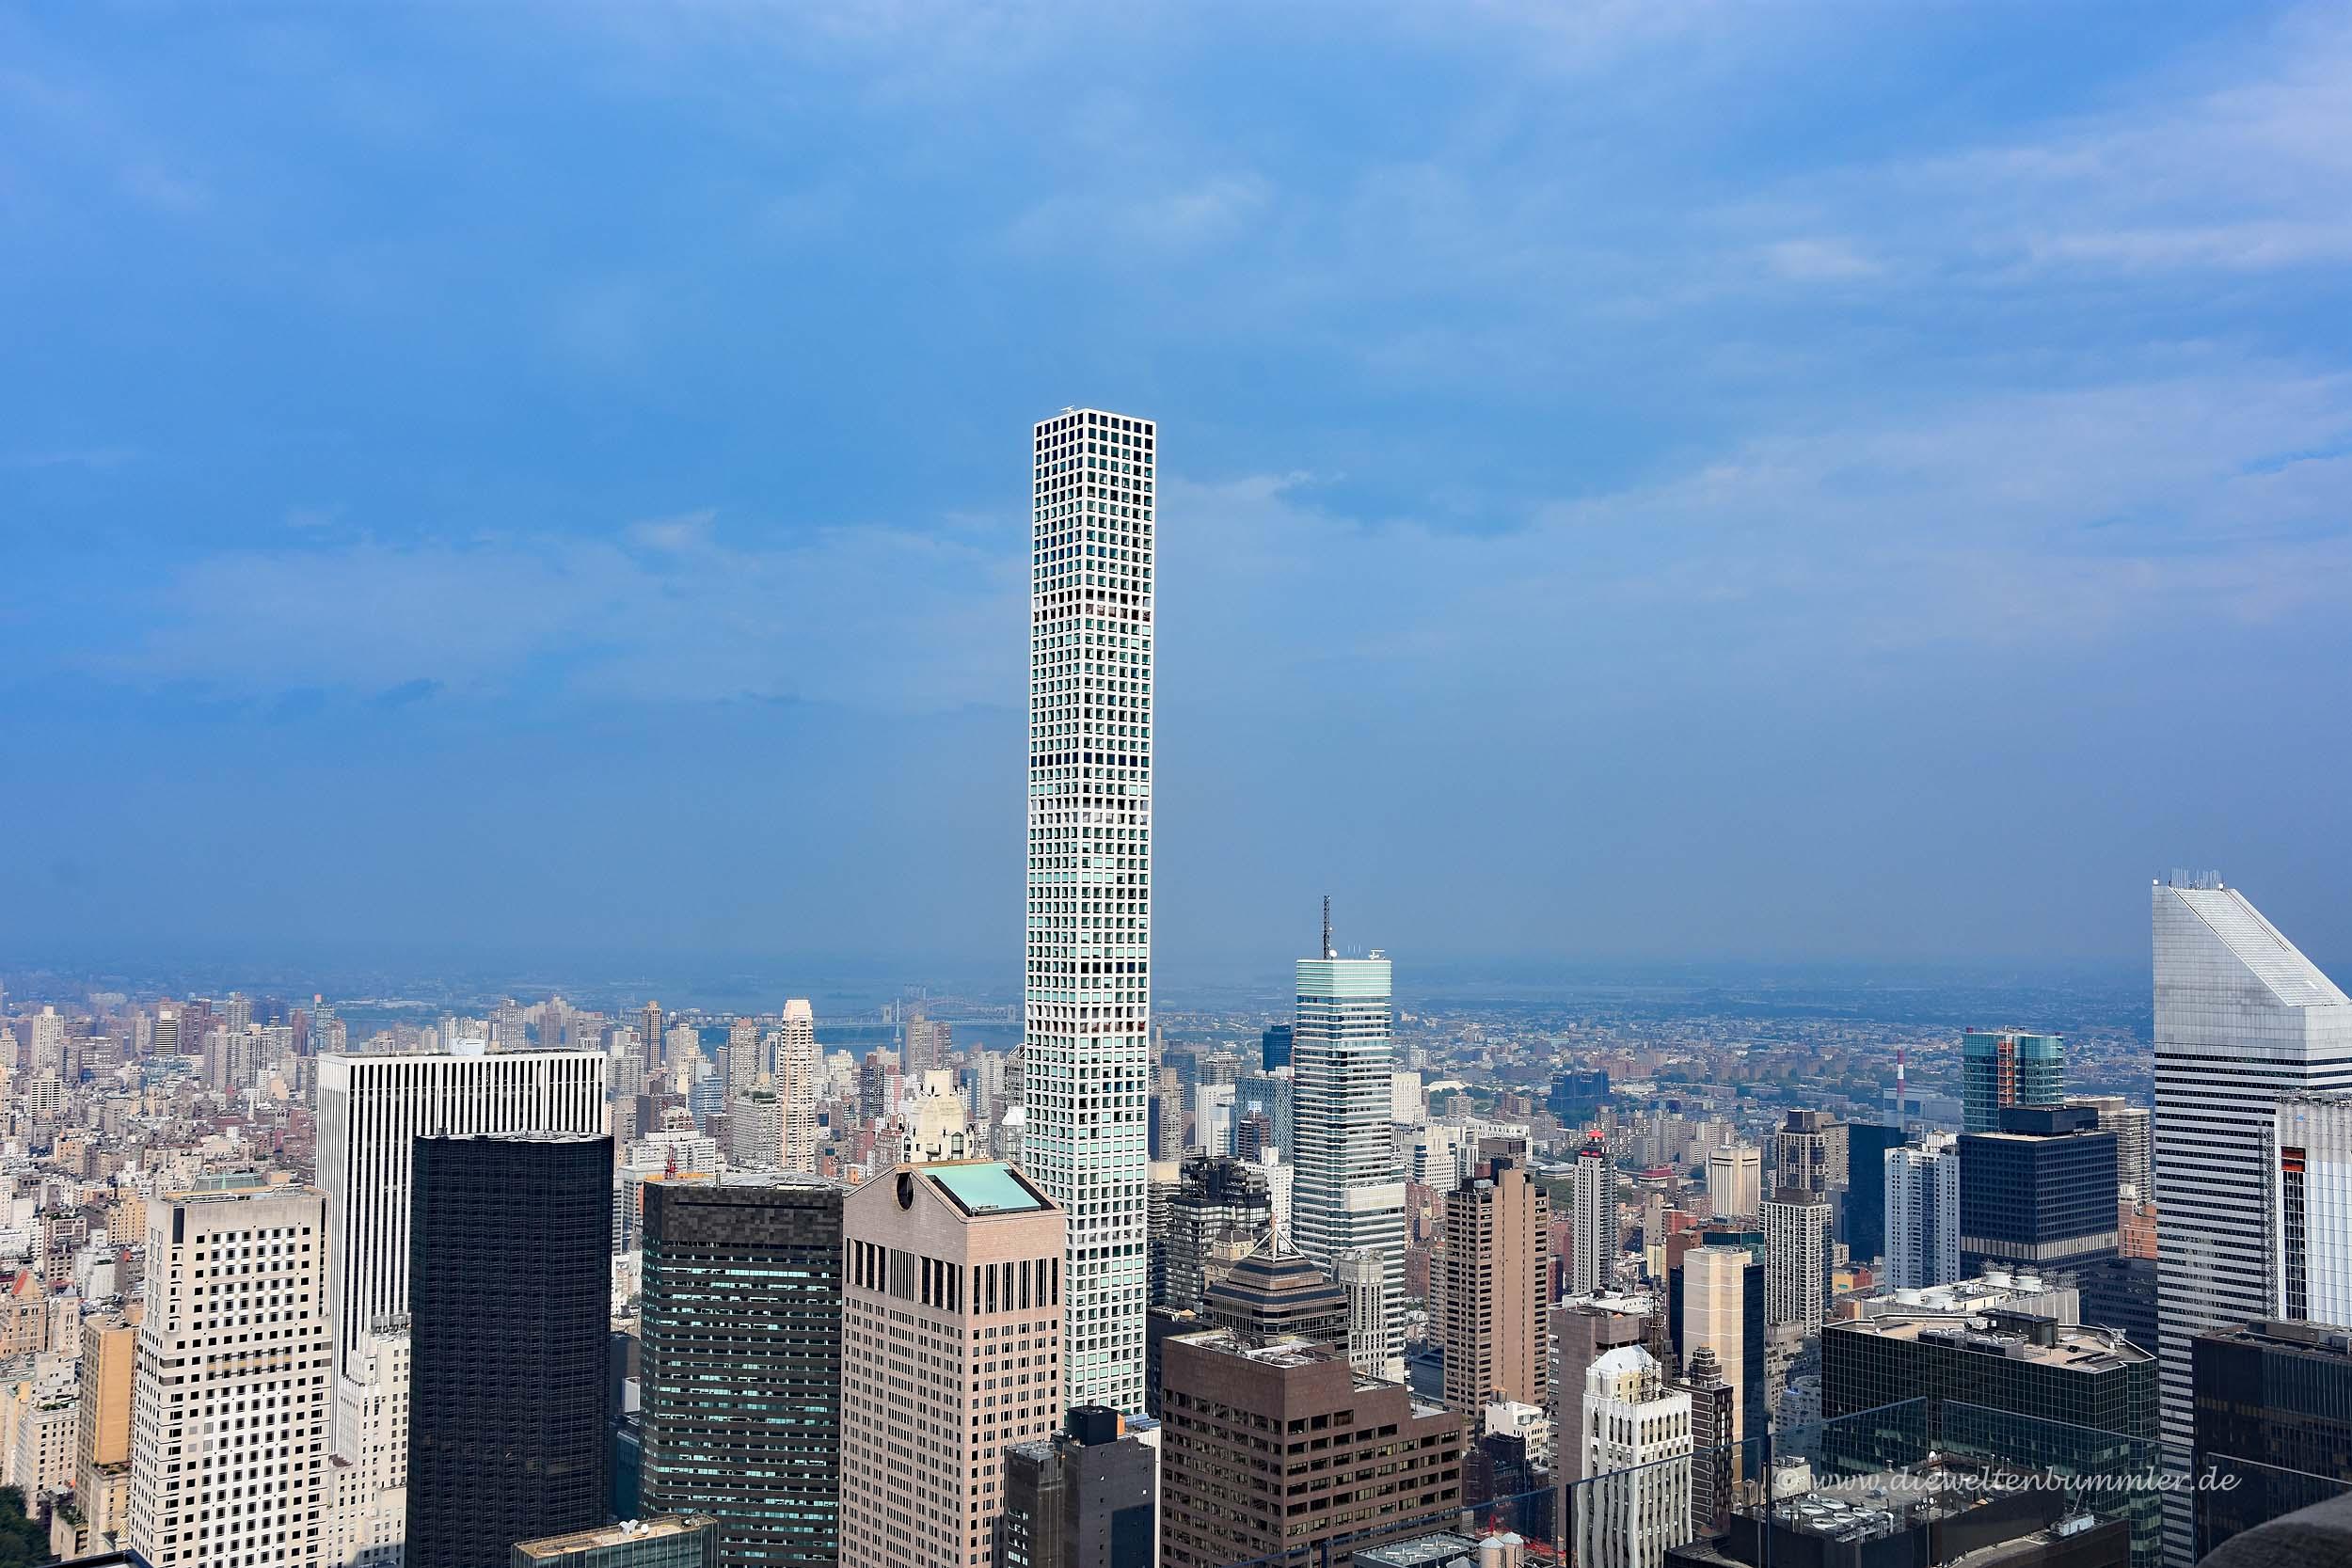 432 Park Avenue heißt der Turm